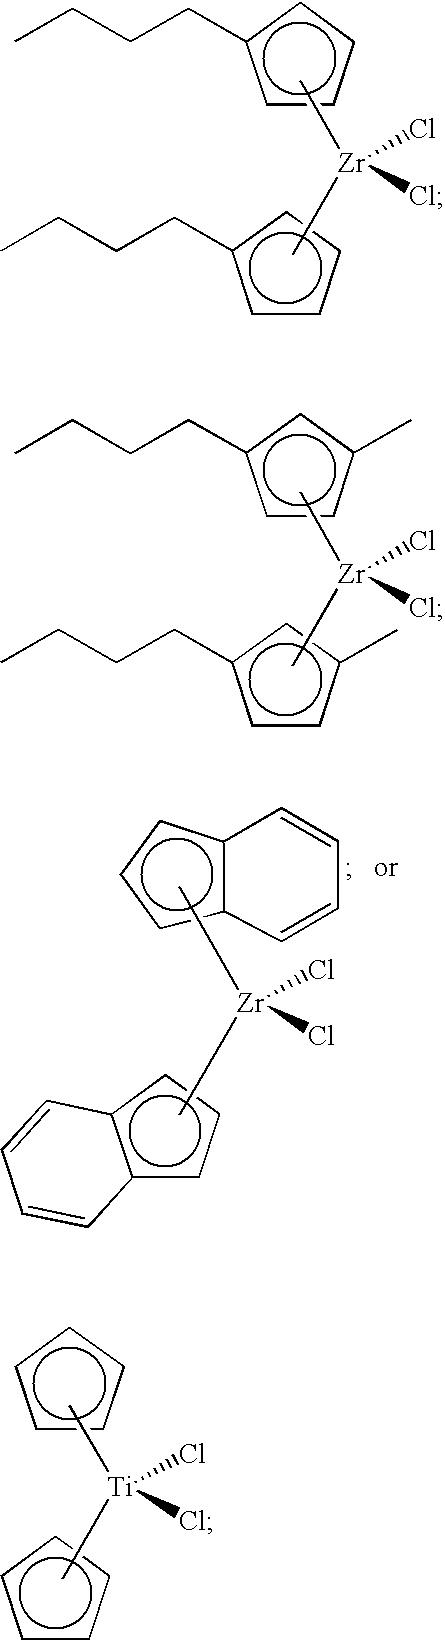 Figure US20100076167A1-20100325-C00018